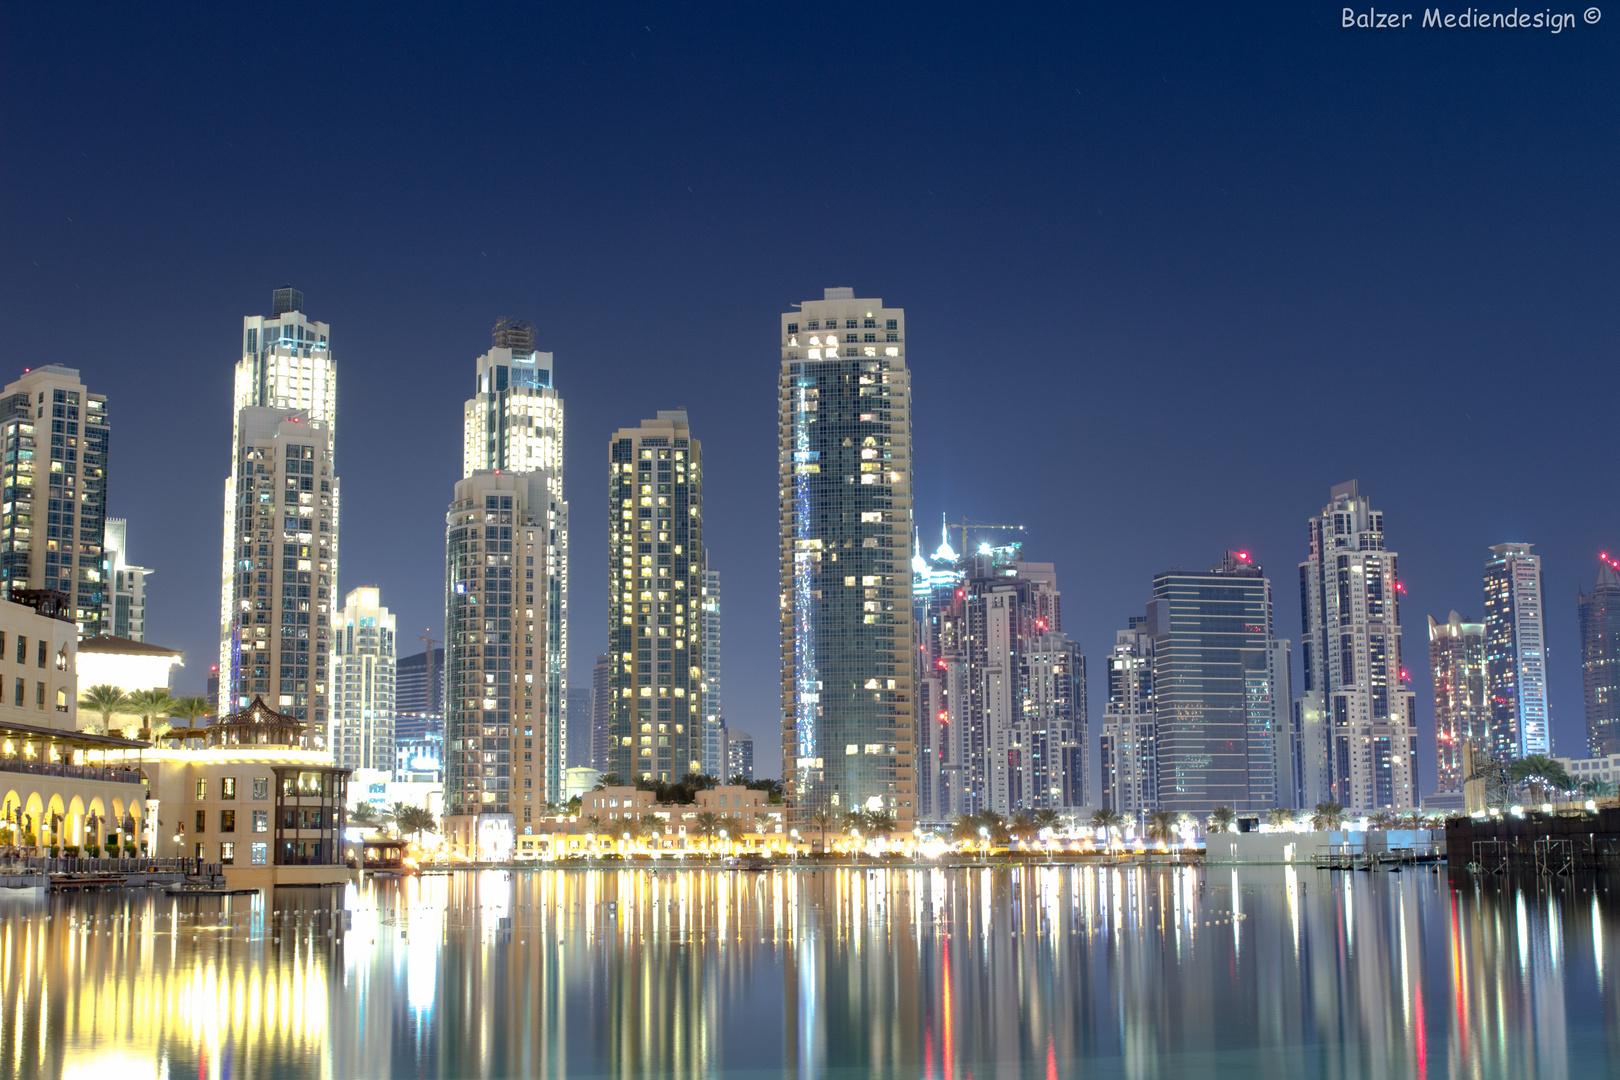 Burj Khalifa lake mit den umliegenden Gebäuden